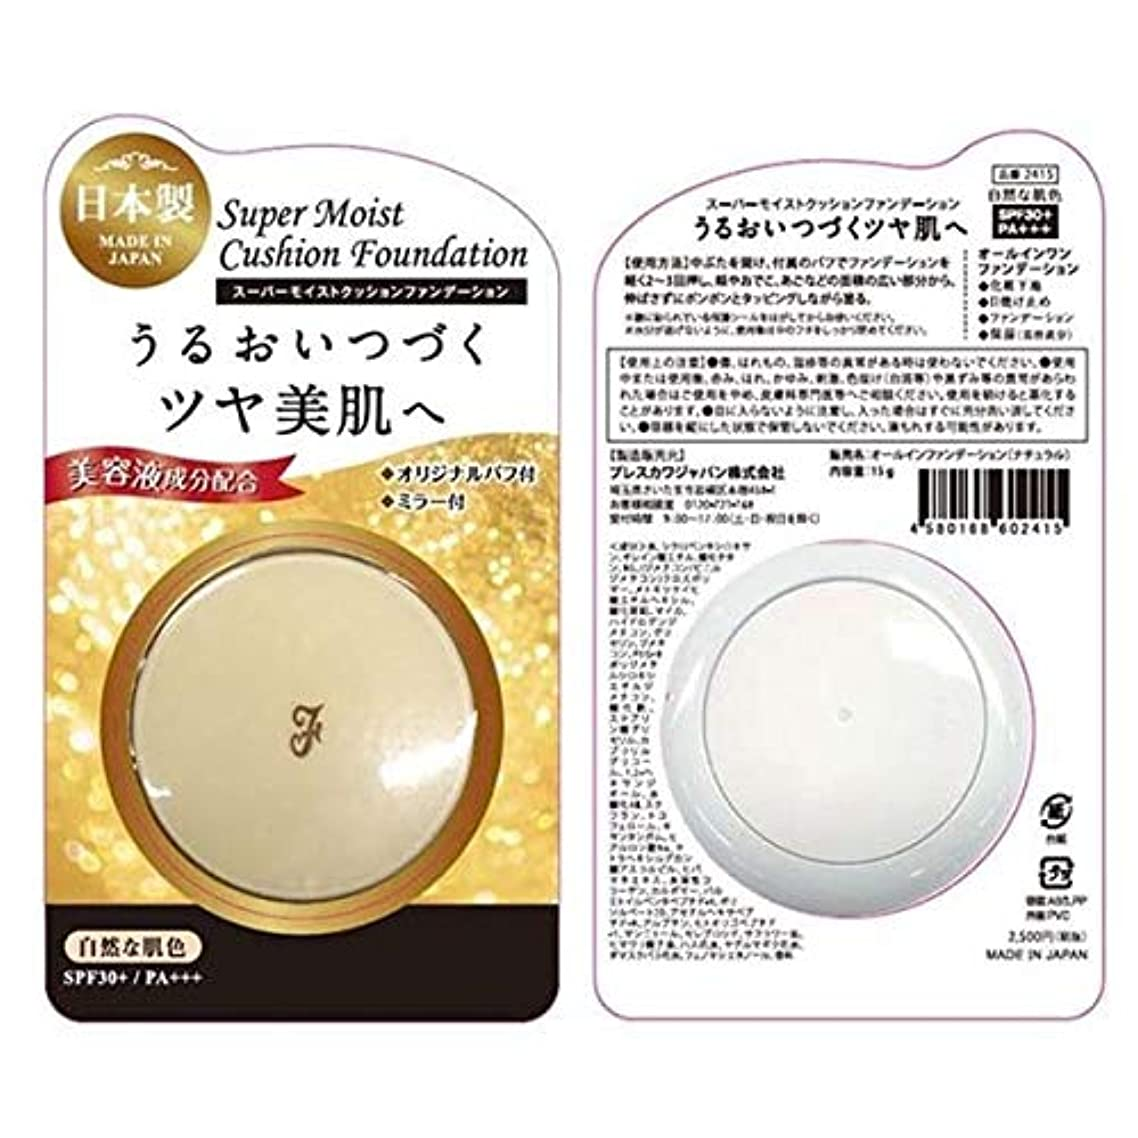 どういたしましてからかう排泄物日本製●クッションファンデーション SPF30+ PA+++ 新色 自然な肌色 さらっとした使い心地 コスメ しっとりなめらか ファンデ